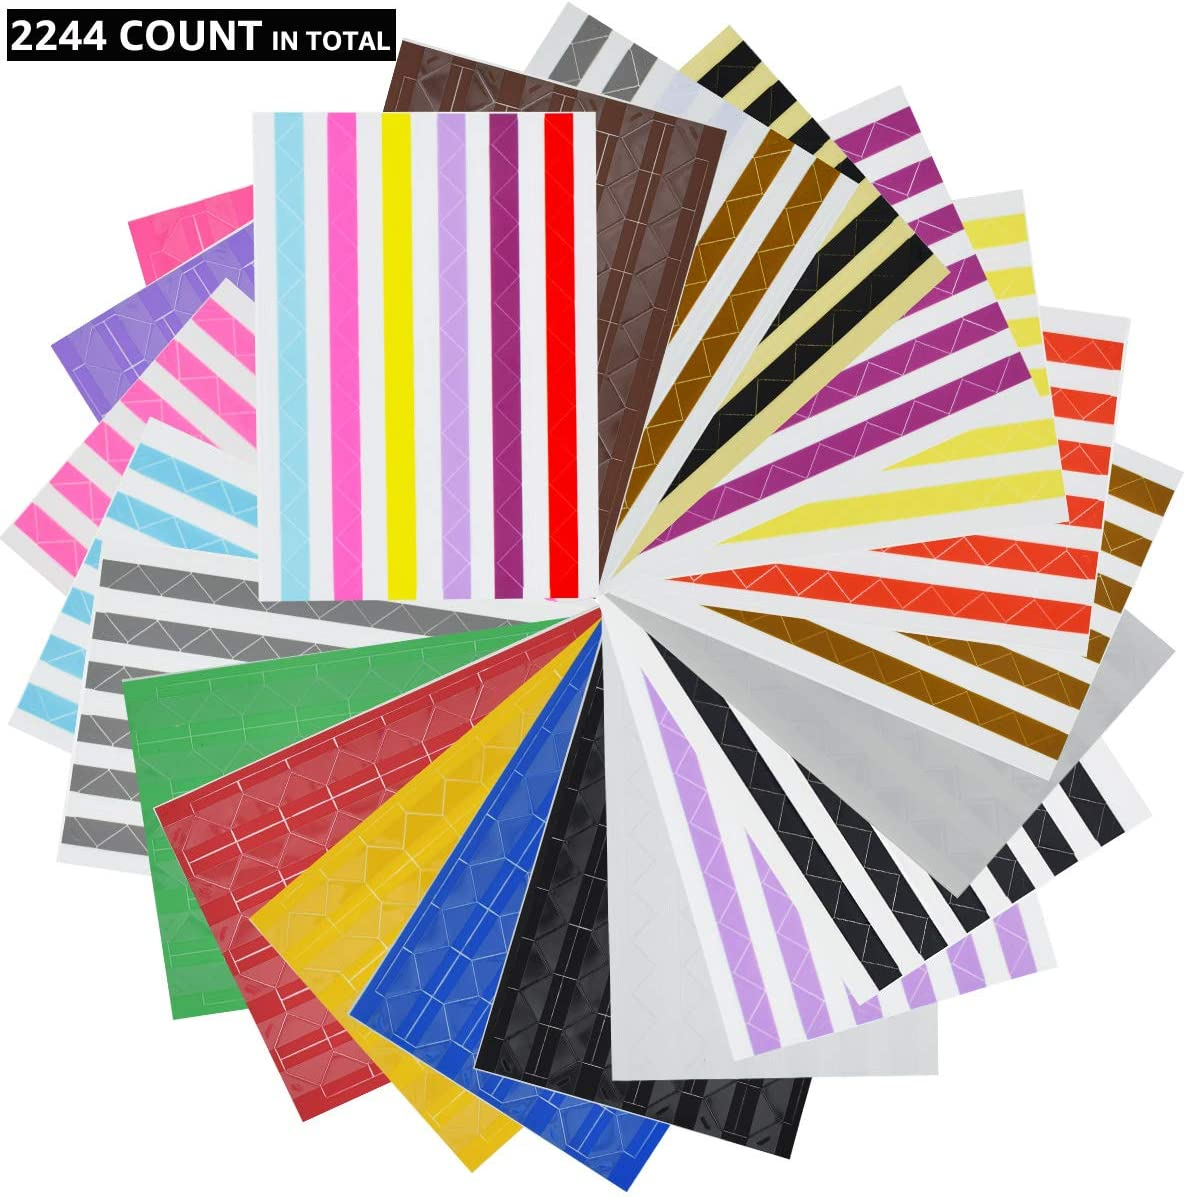 autoadhesivas VIPbuy 2244 pegatinas de esquina para montaje de fotos para /álbumes de recortes negro y transparente 22 hojas manualidades /álbum de fotos